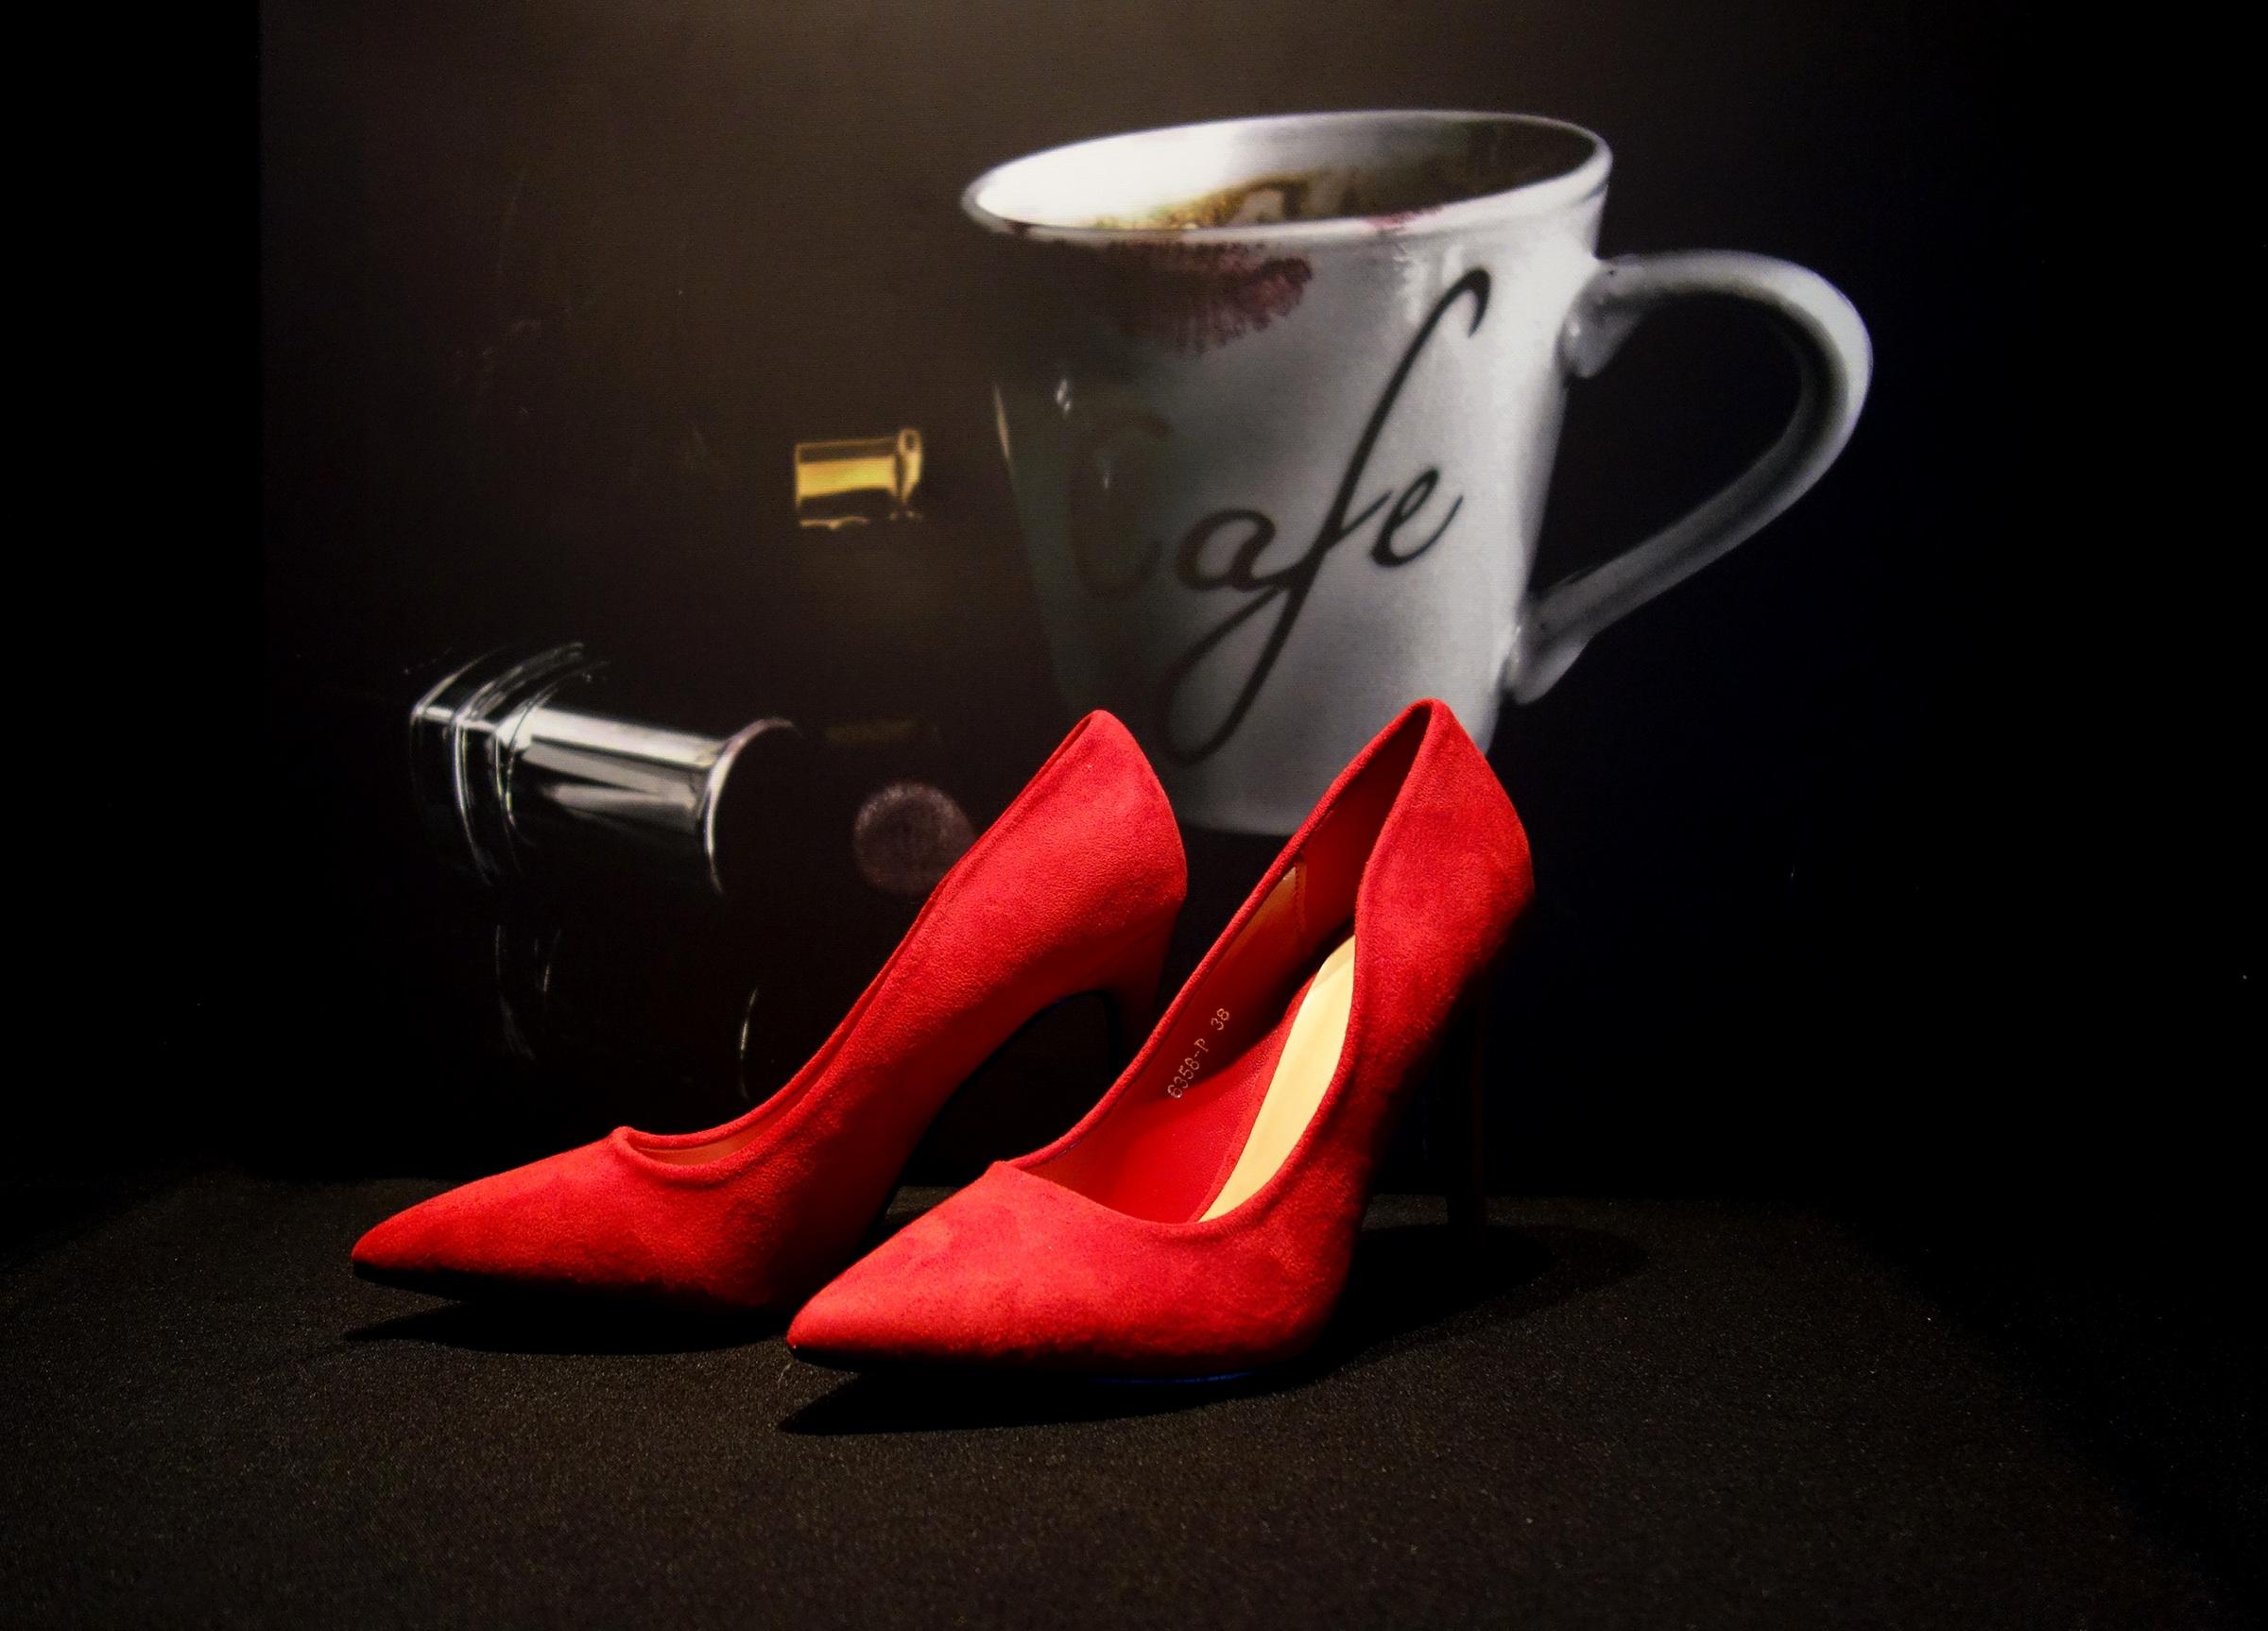 О кофе и сексуальности